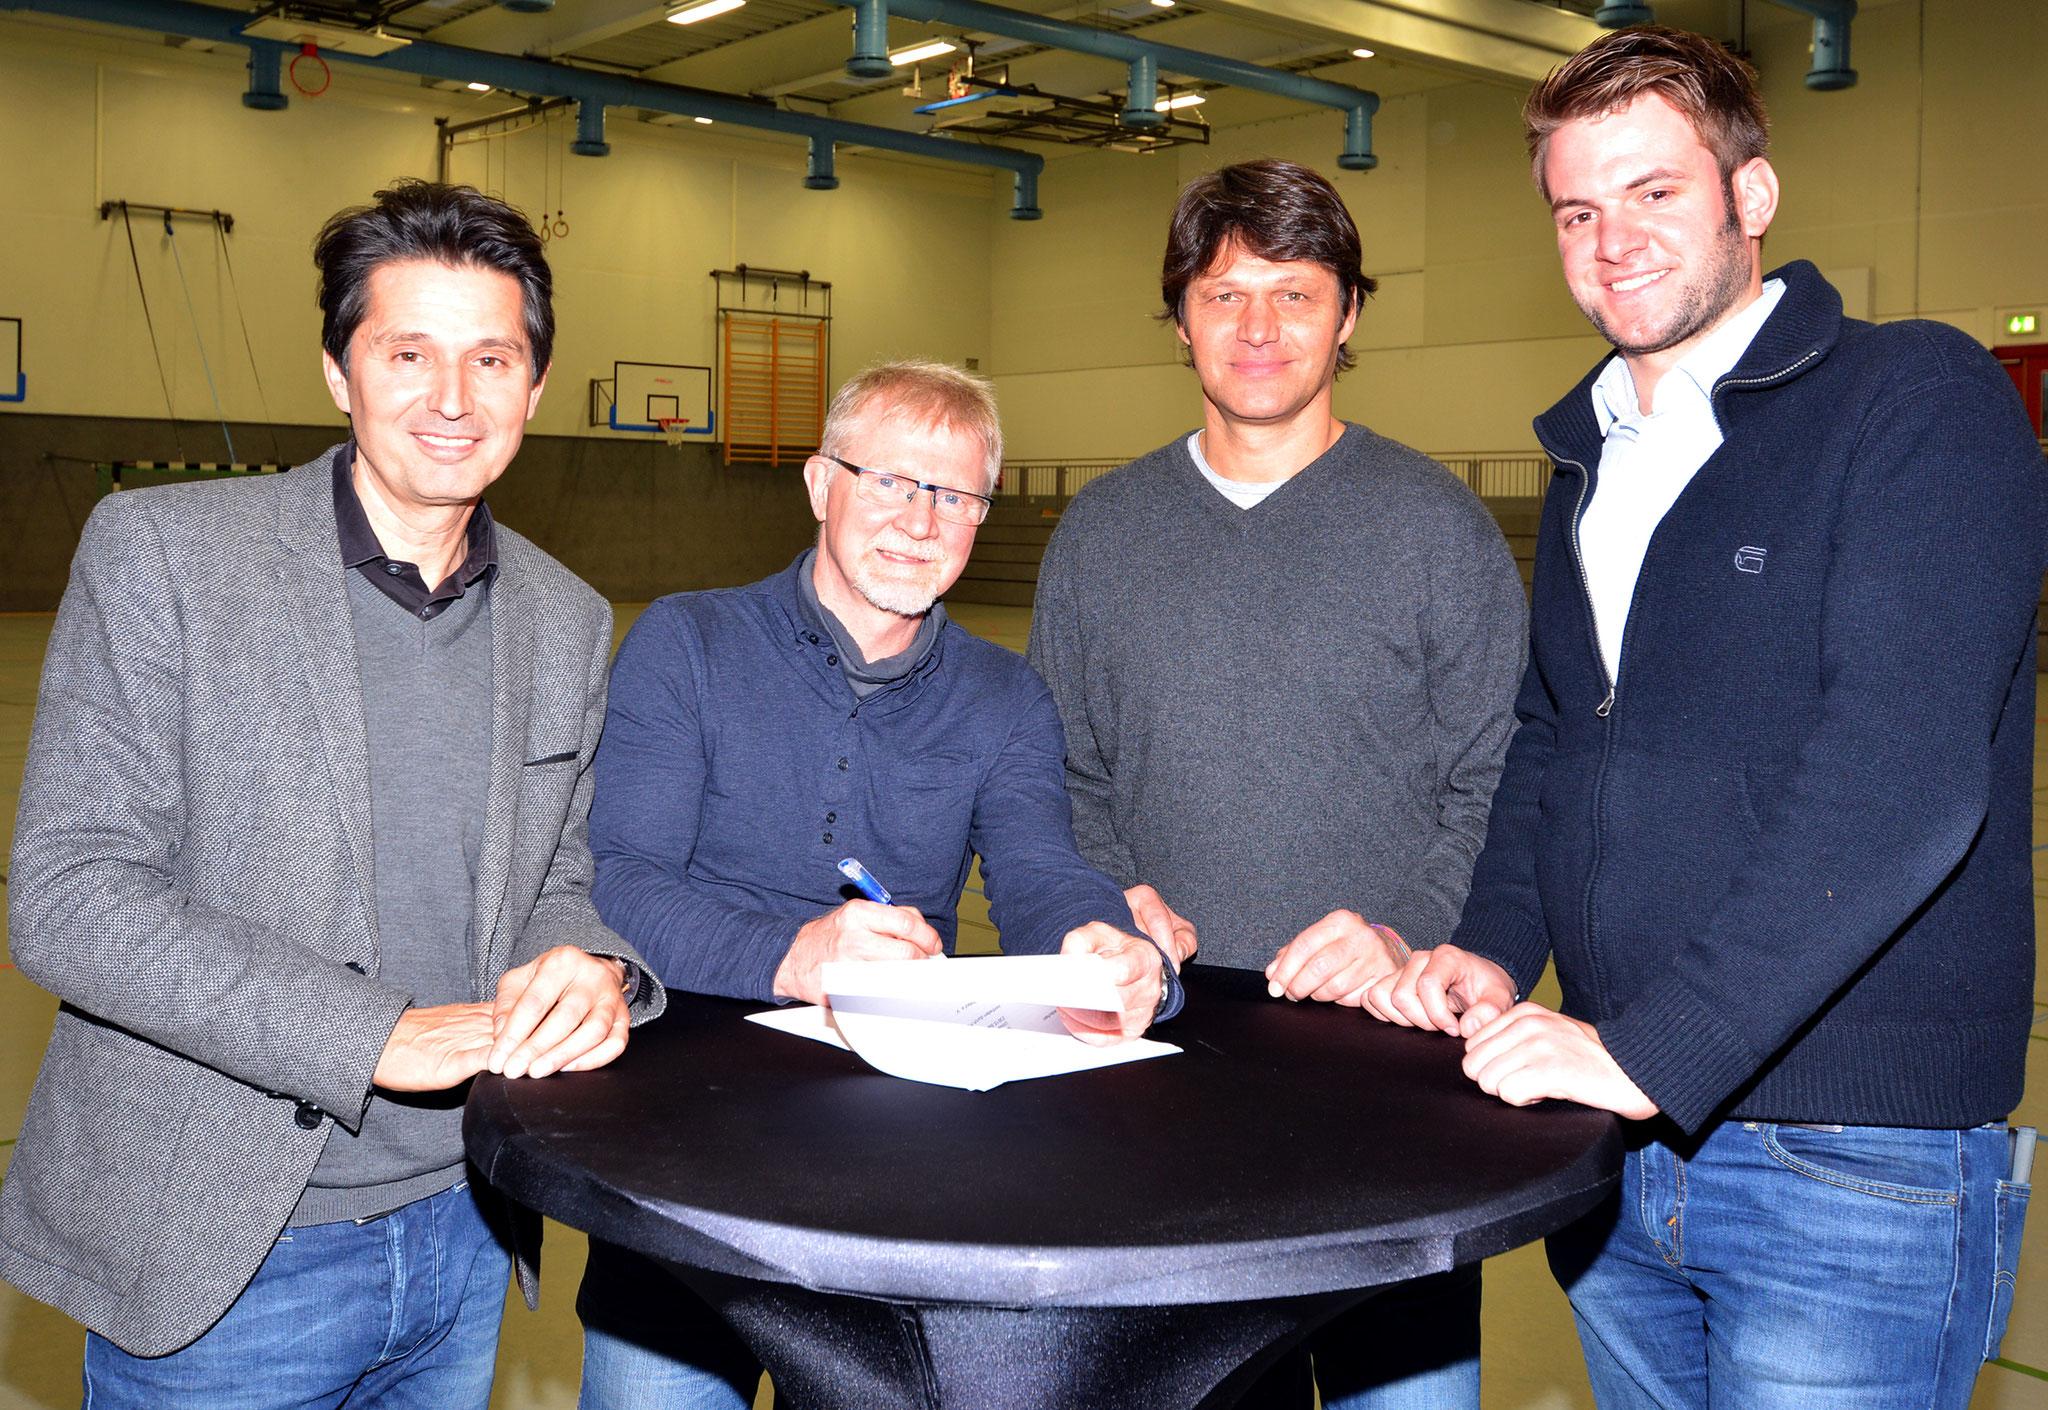 Bielefelder Sportwissenschaftler kooperieren mit Bielefeld United, Arminia und dem Stadtsportbund